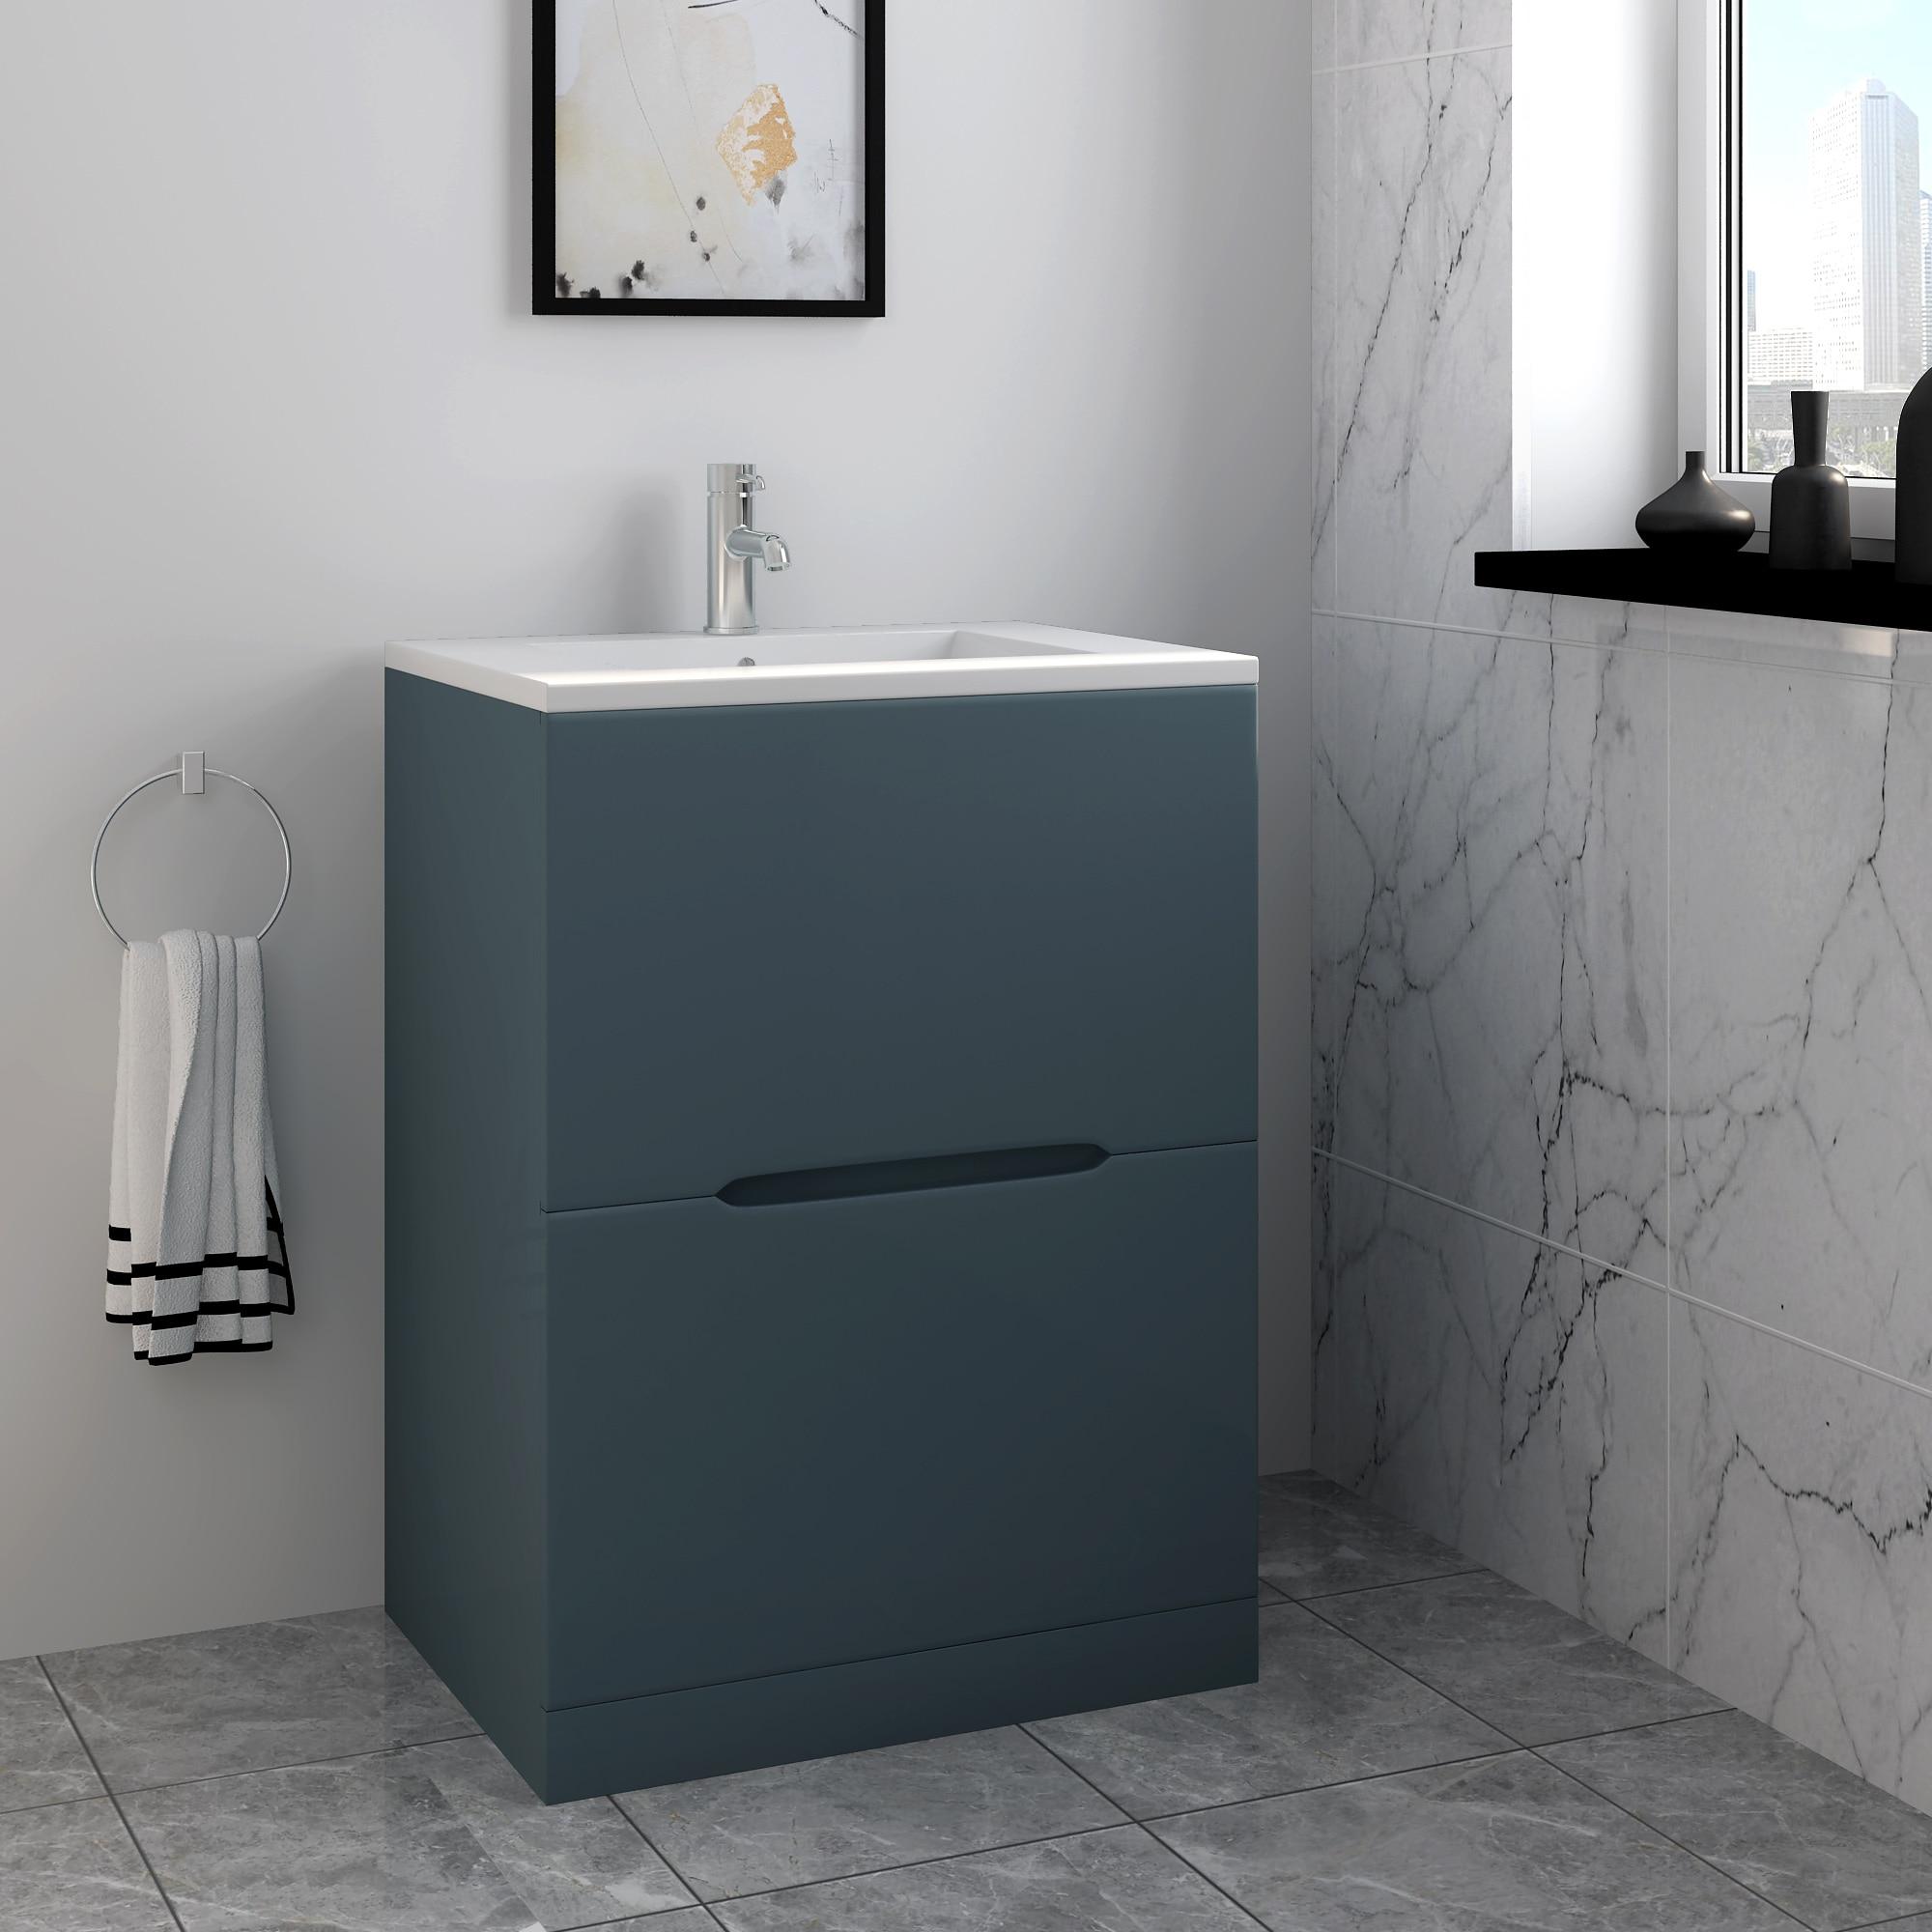 Panana, lavabo, lavabo, tocador, mueble, cerámica, lavable, Base de mano con cajón, entrega rápida